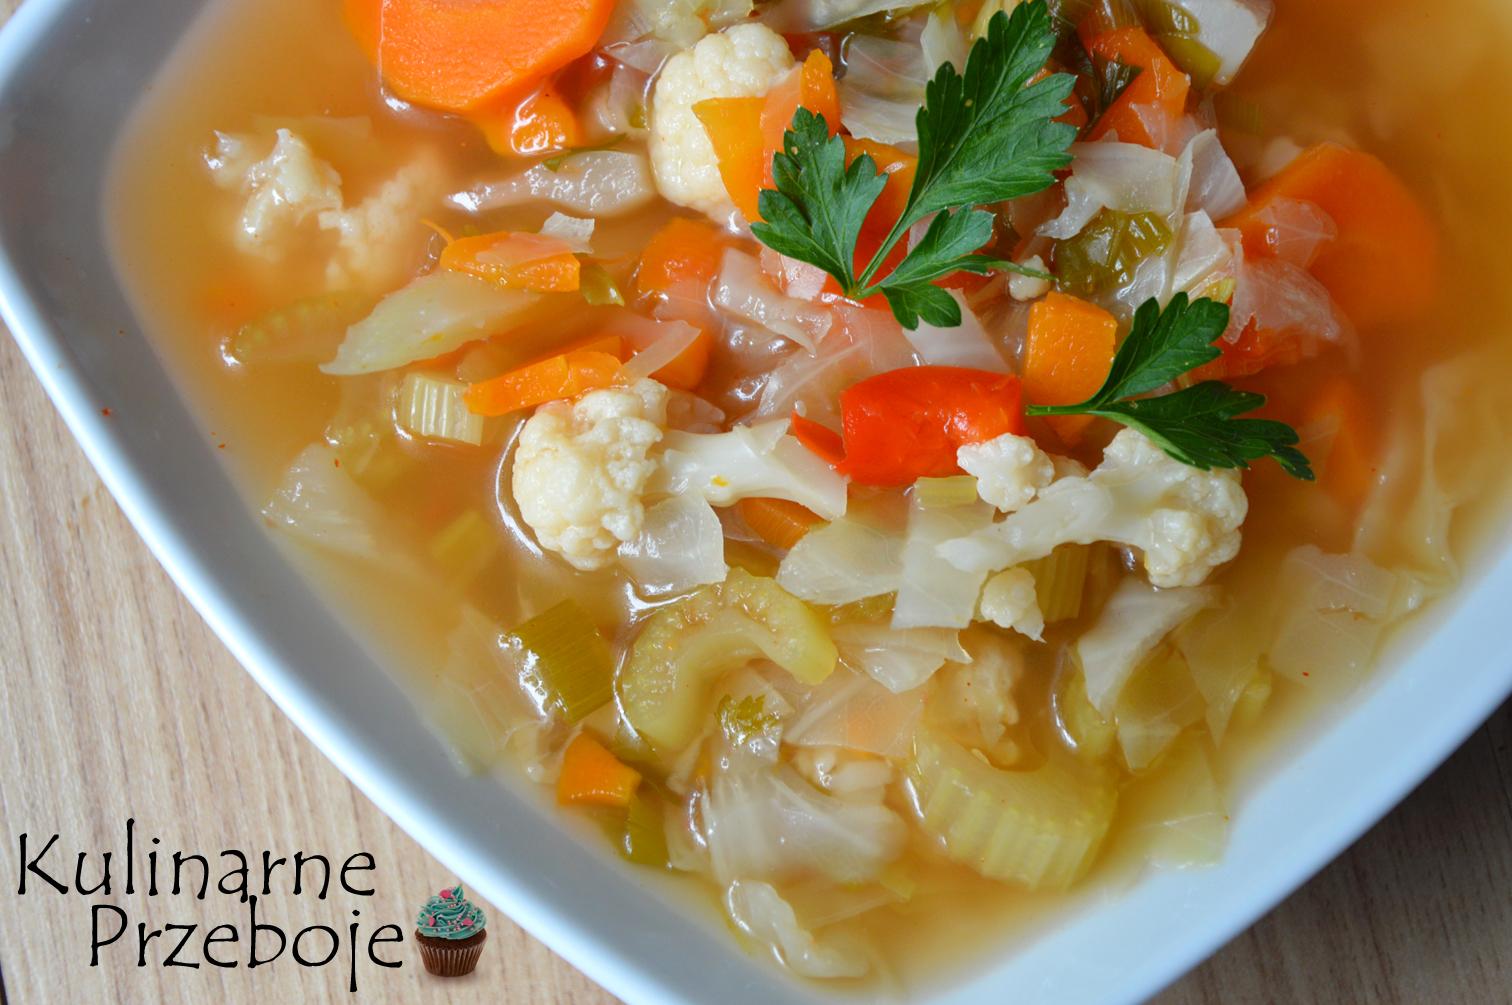 zupa spalająca tłuszcz z kurczakiem, kapustą i kalafiorem